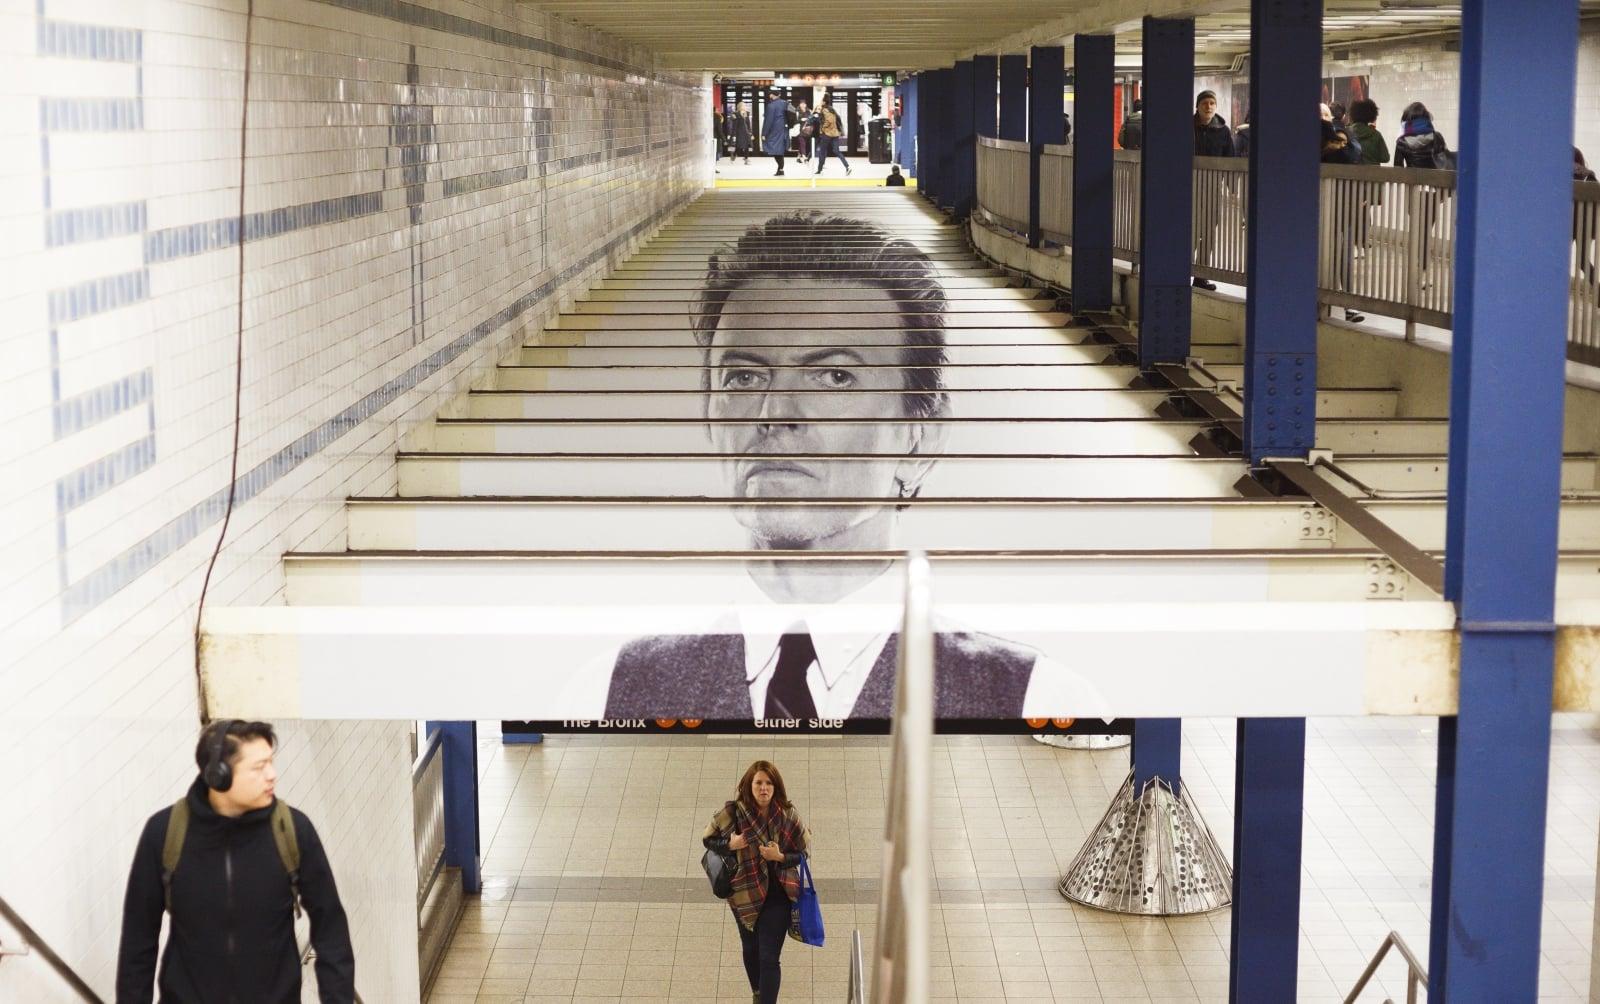 Podobizna Davida Bowiego na stacji Broadway-Lafayette w Nowym Jorku, USA.